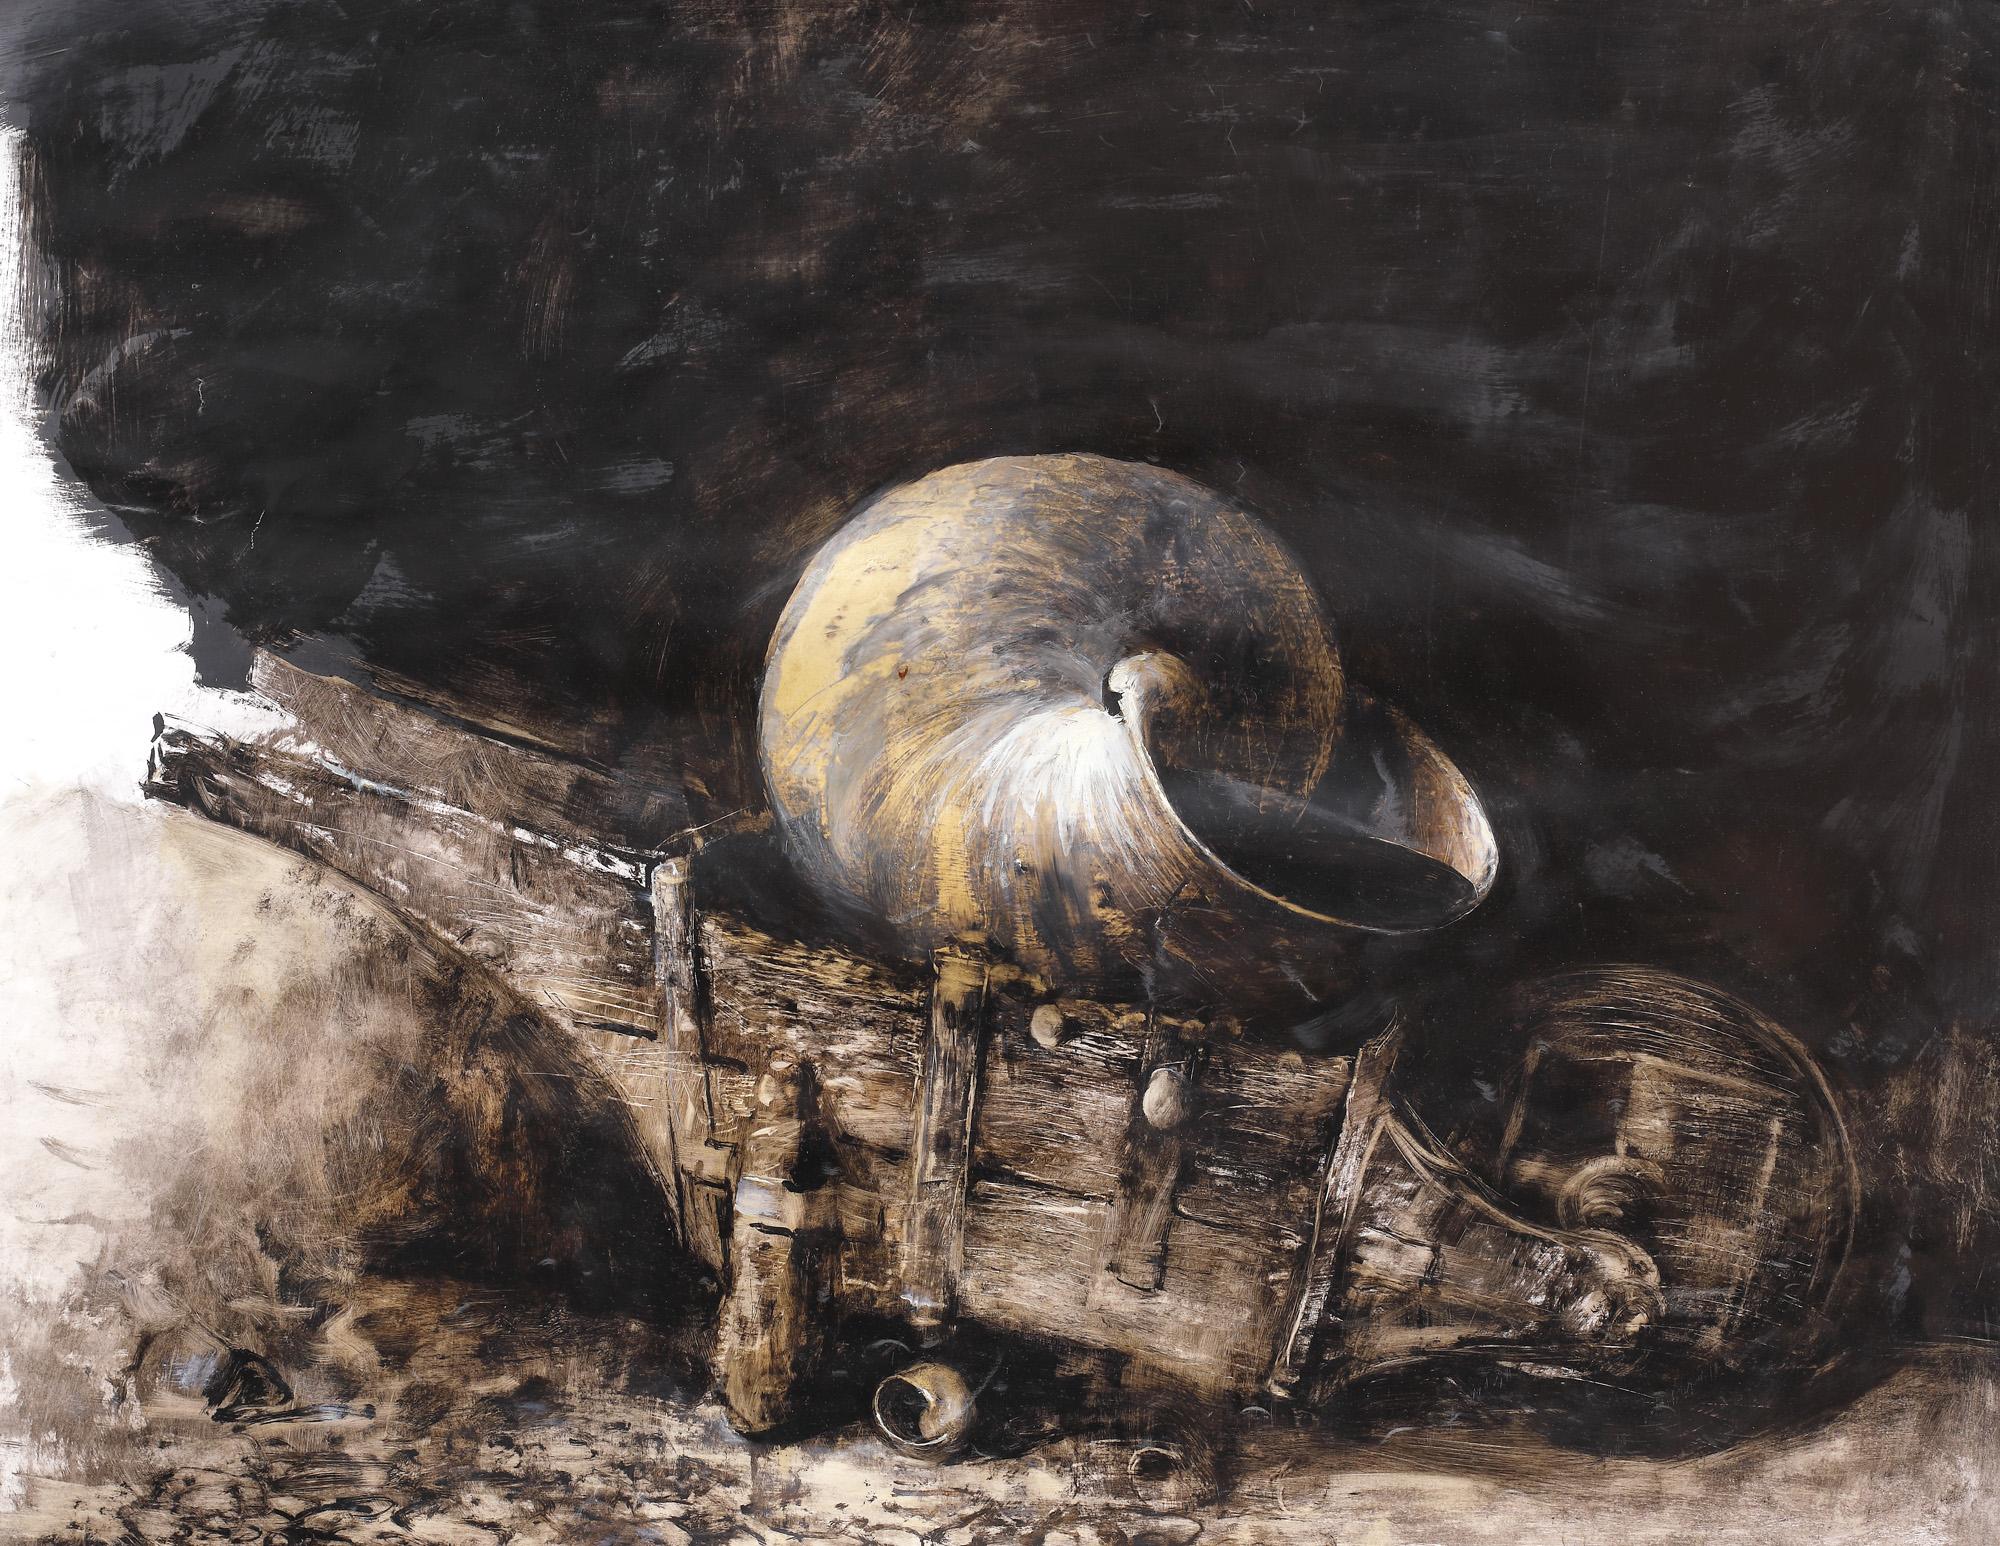 Două noi lucrări semnate de Adrian Ghenie, scoase la licitaţie de Artmark